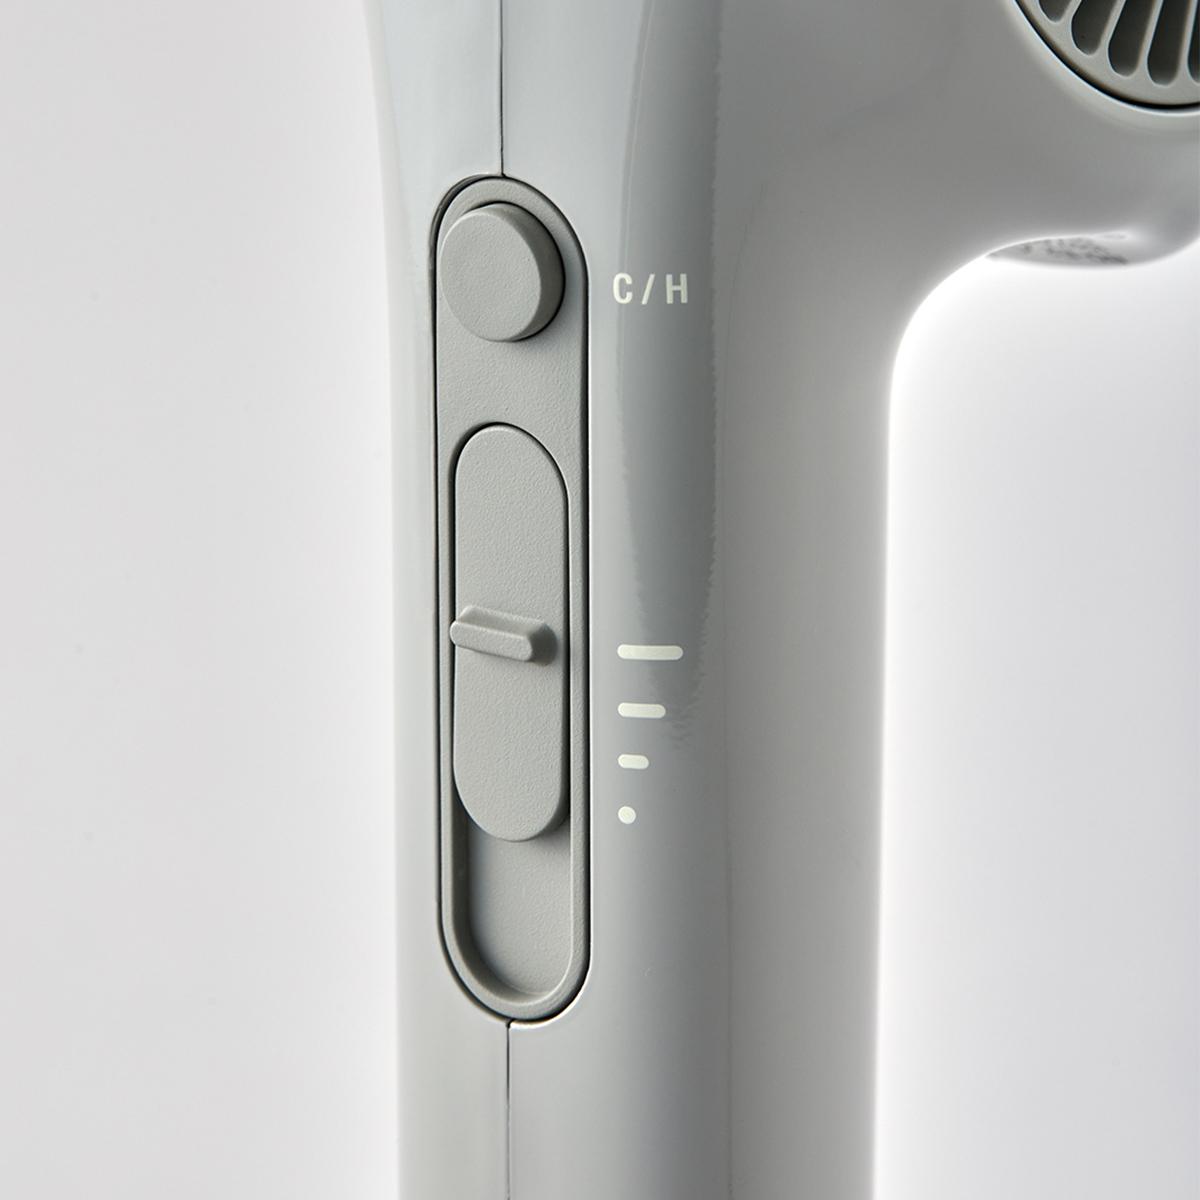 上のボタンは温・冷の切り替え、下のスライドは風量の調整ができます。手と空間に馴染む、85℃のちょうどいい風をつくる「ヘアドライヤー」|cadocuaura(カドークオーラ)|BD-E2